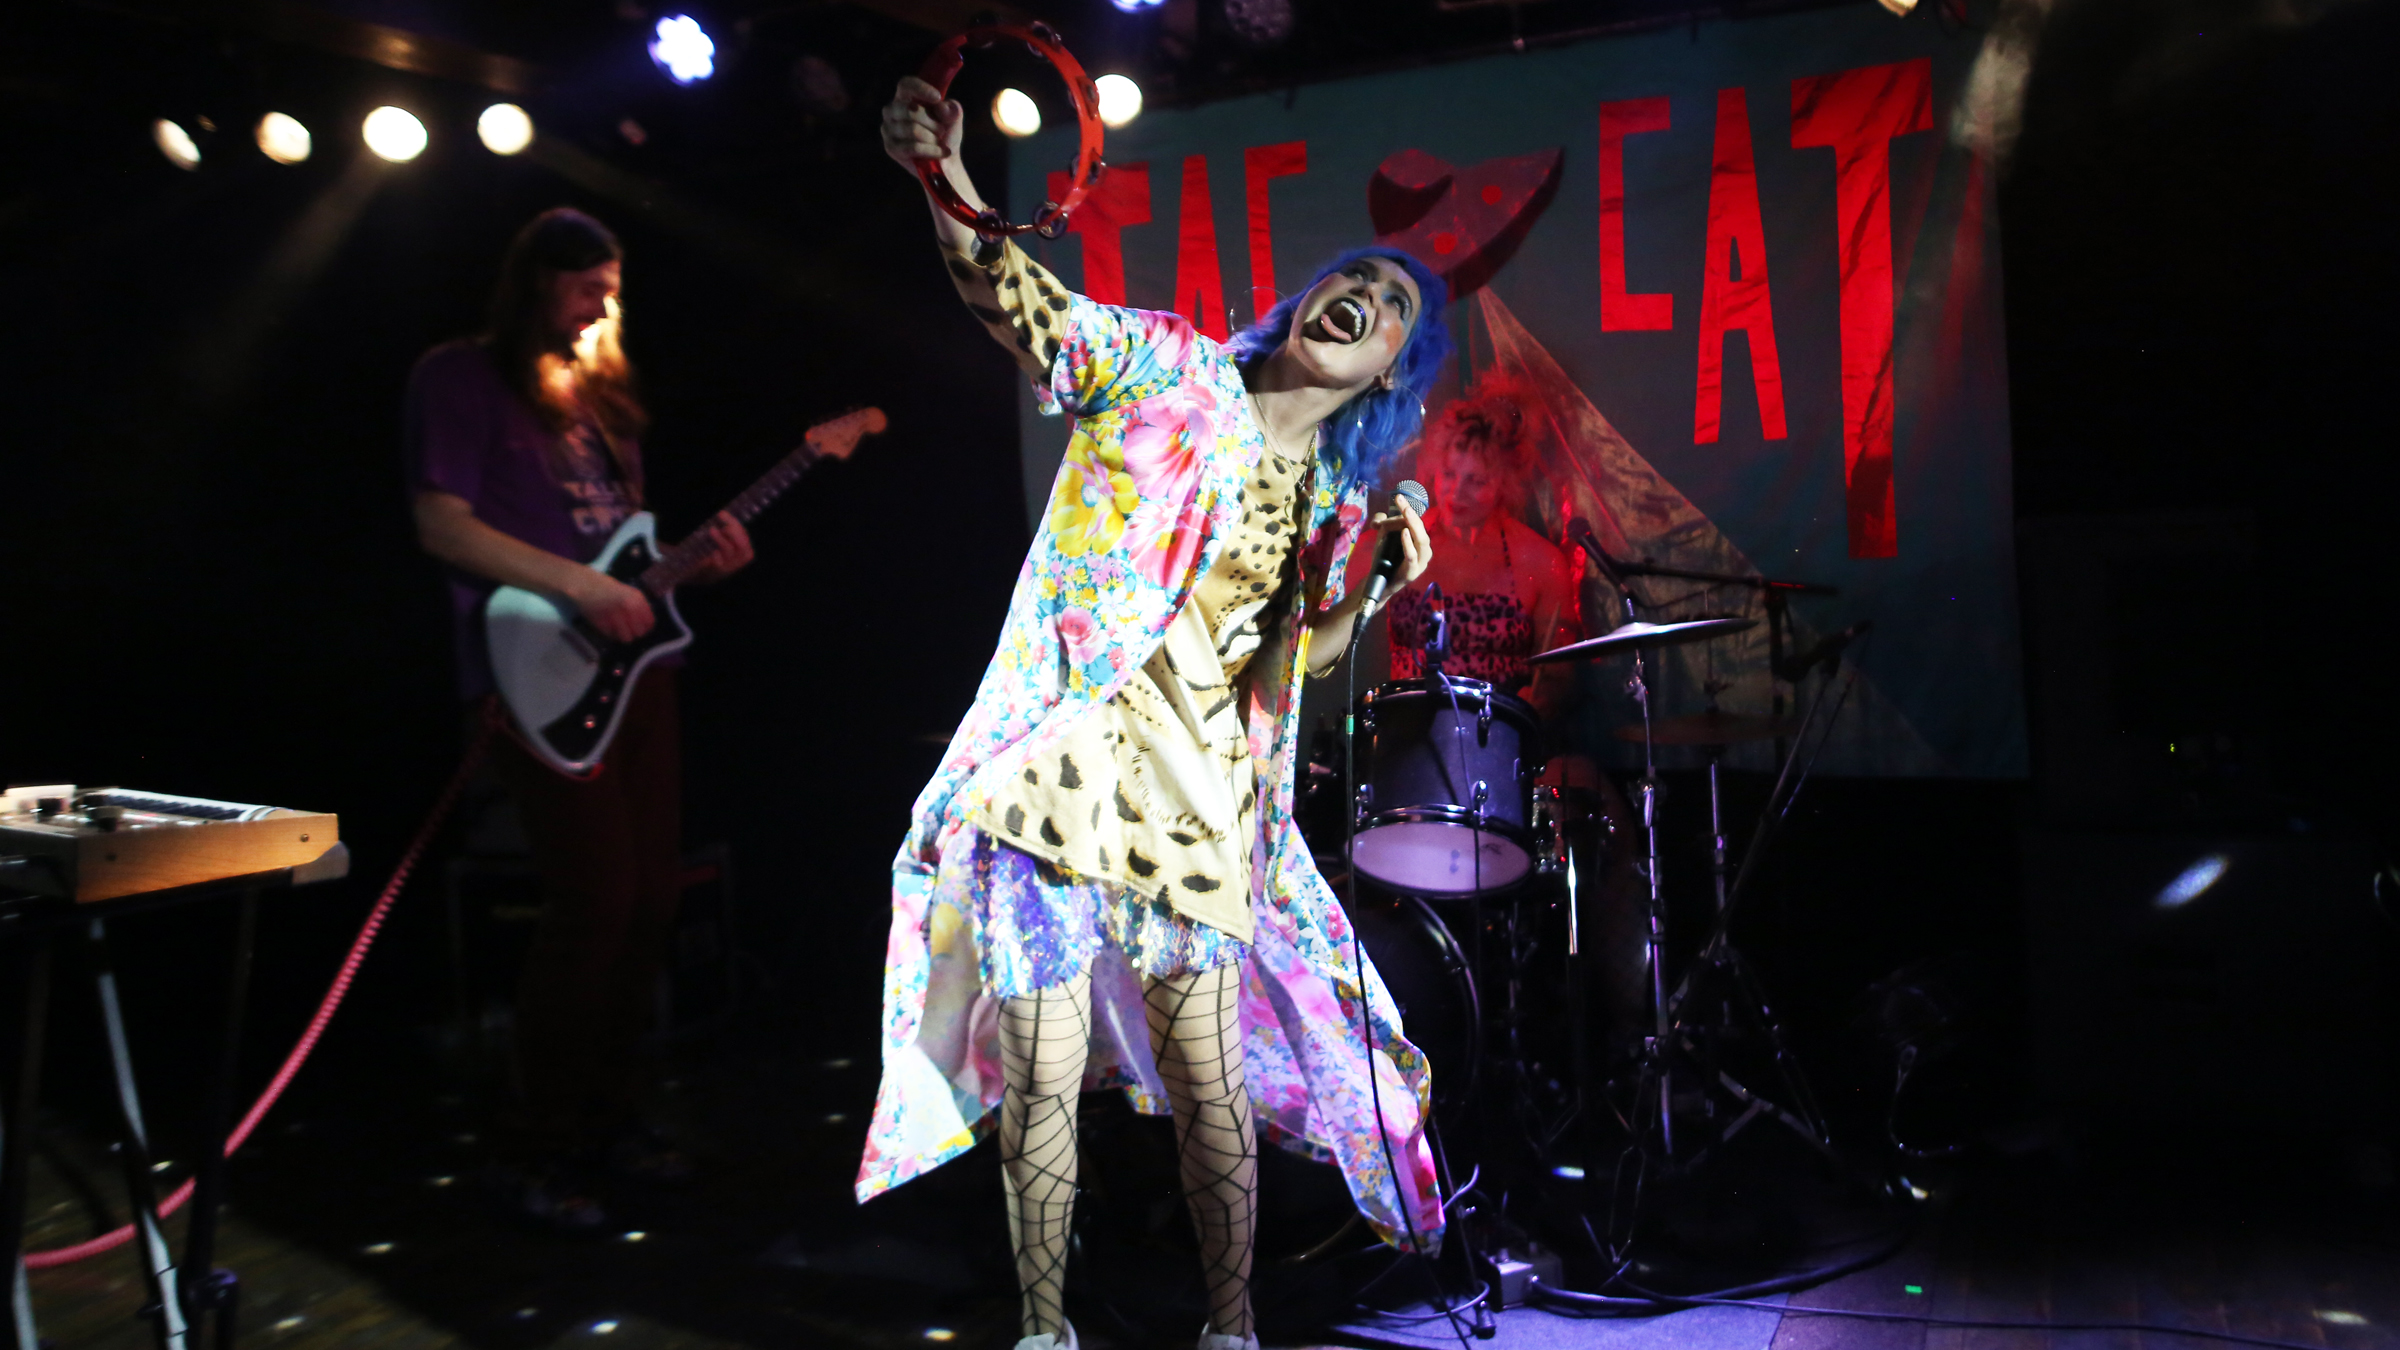 Tacocat live at Loppen Copenhagen